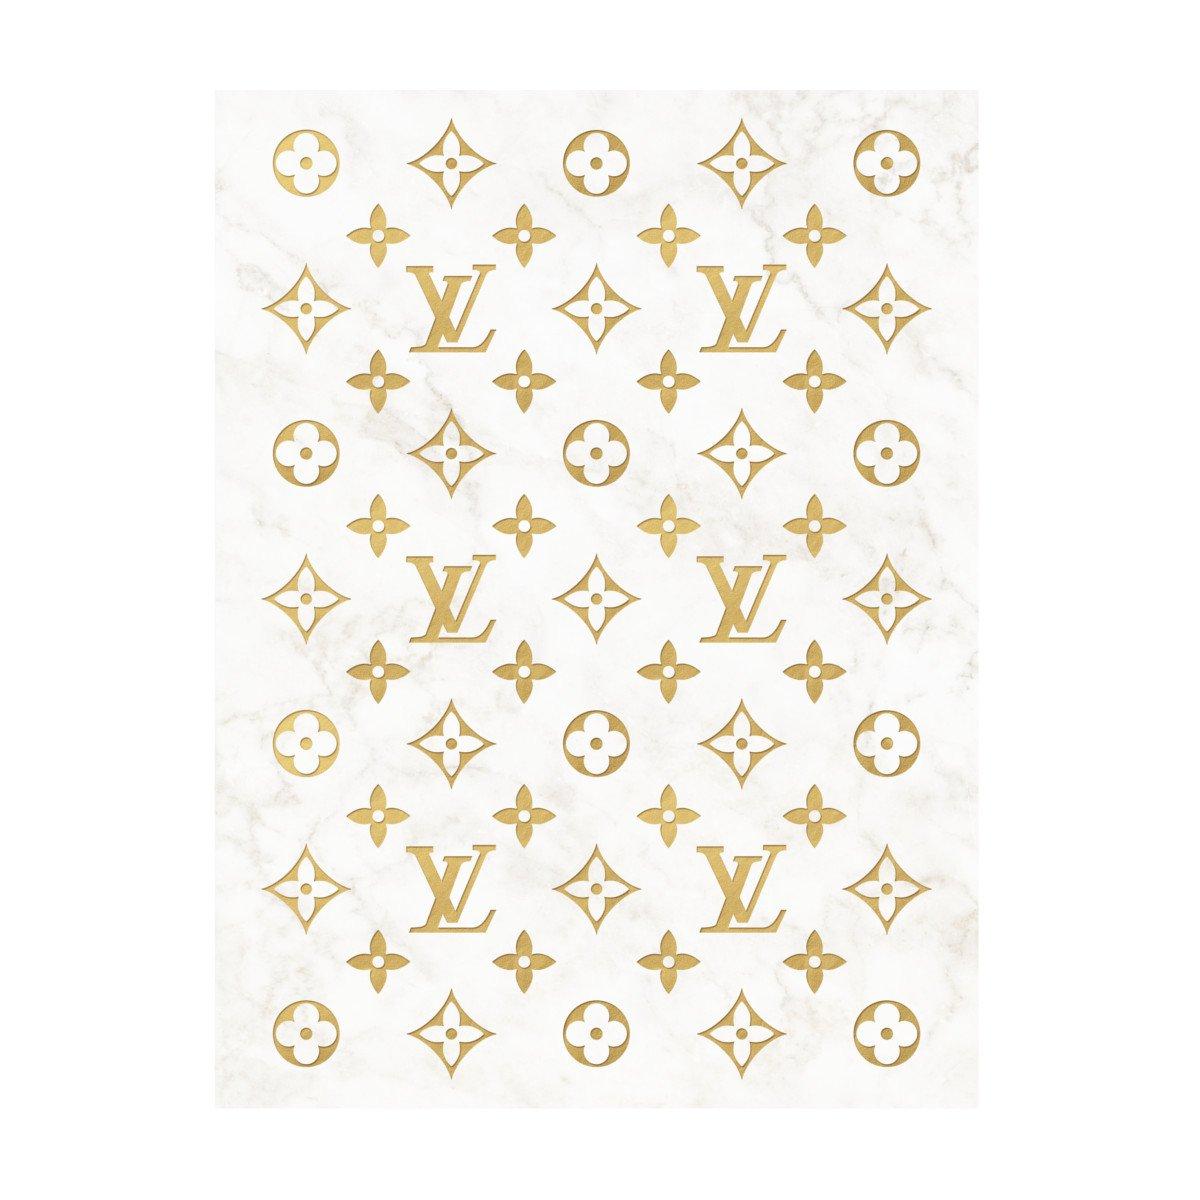 Aroma of Paris アートポスター おしゃれ インテリア 北欧 モノクロ アート #162 A2 ホワイトフレーム B079QXDFDQ A2 (420 x 594mm)|ホワイトフレーム ホワイトフレーム A2 (420 x 594mm)